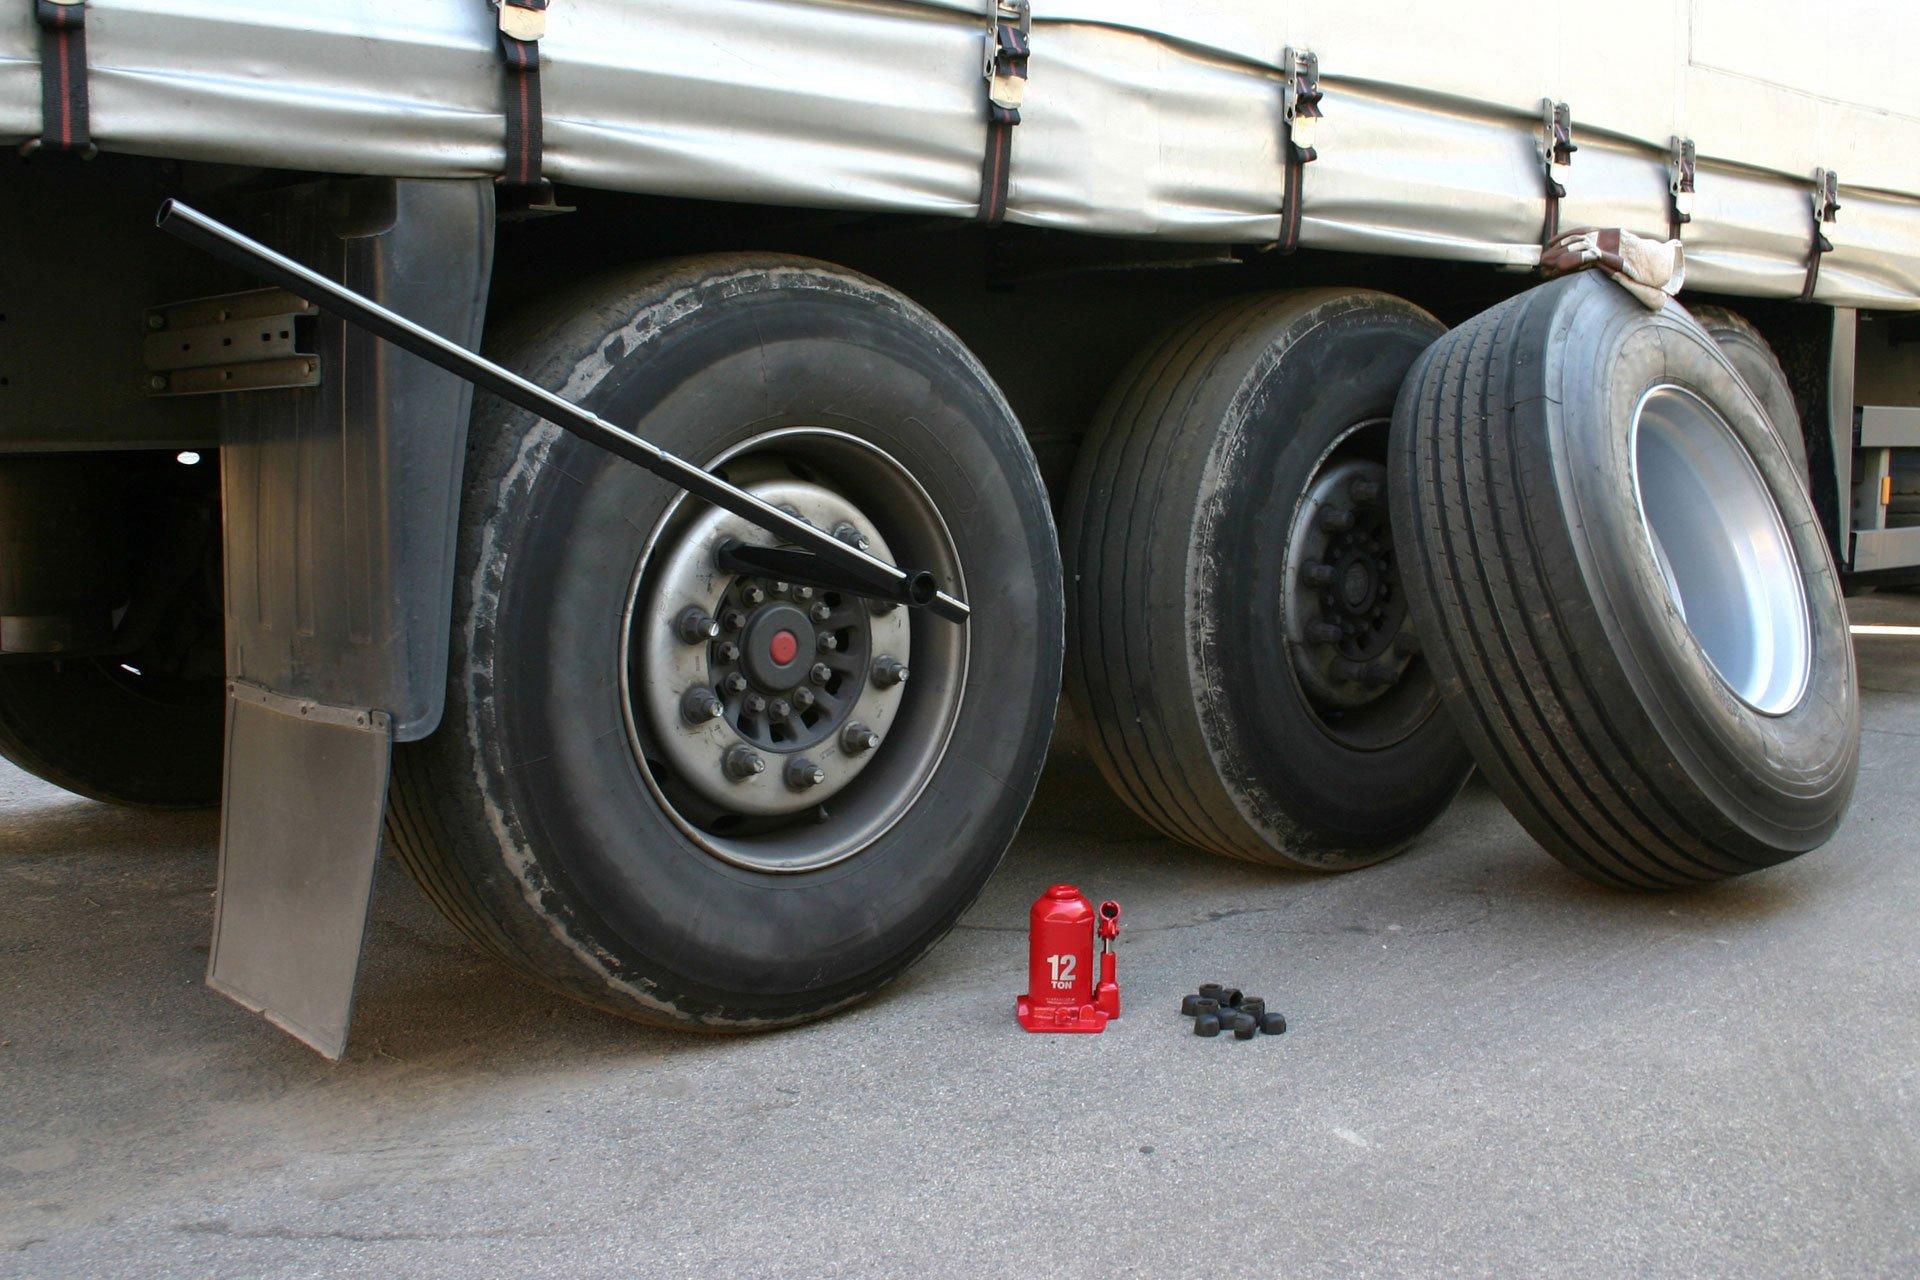 Semi Tractor Accessories : Chrome semi truck accessories laredo tx tractor trailer